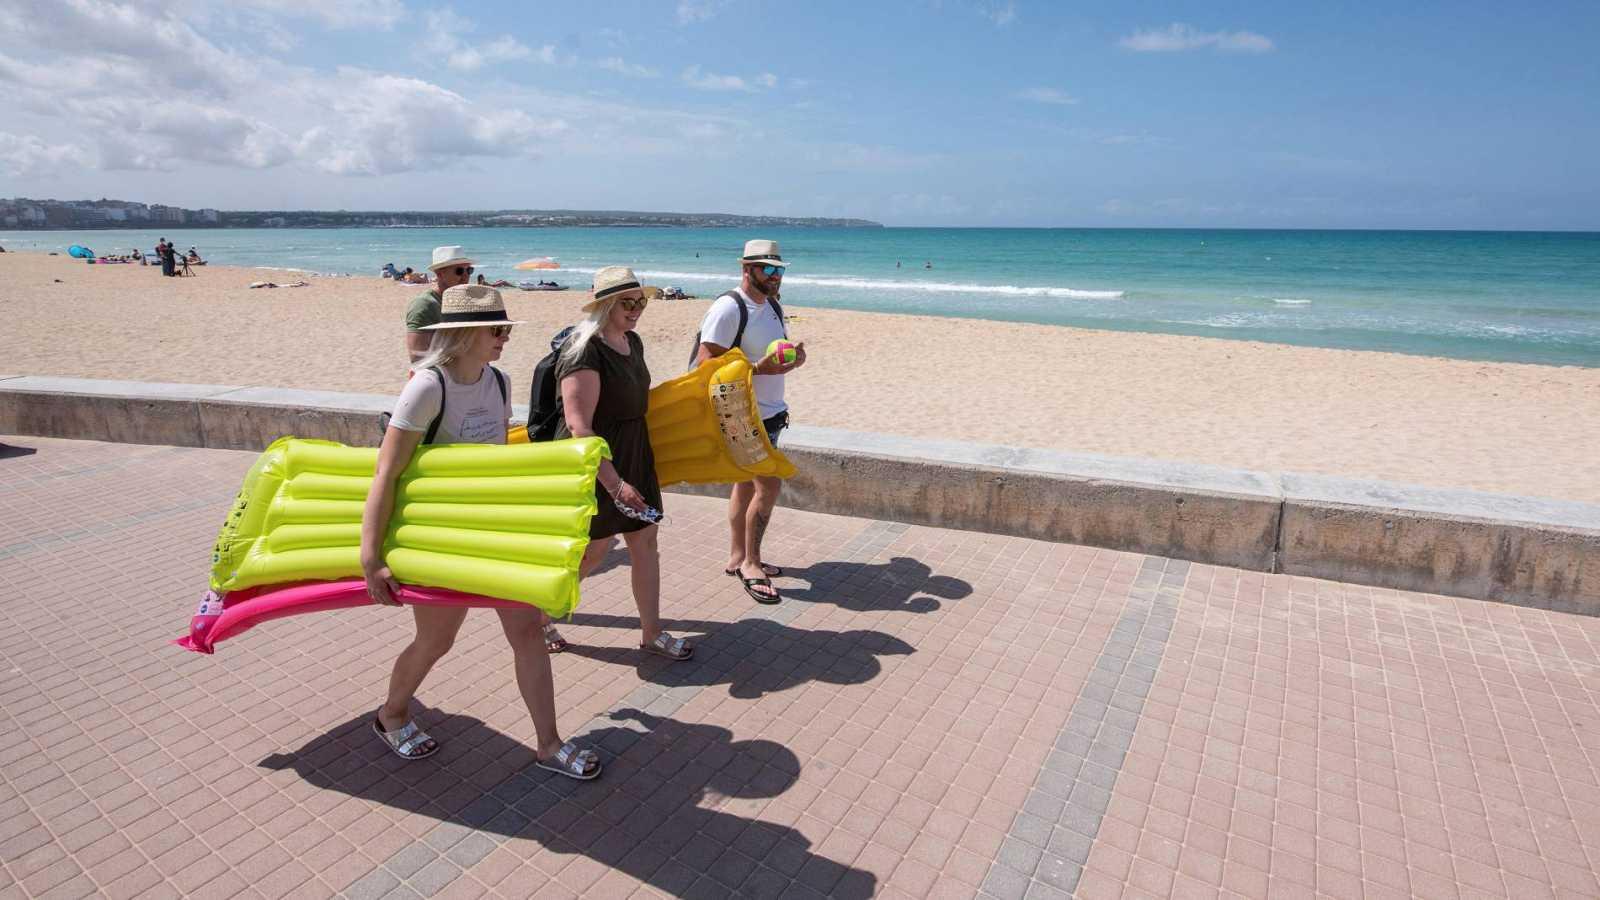 Turistas alemanes del plan piloto para la llegada de turistas extranjeros a las islas Baleares